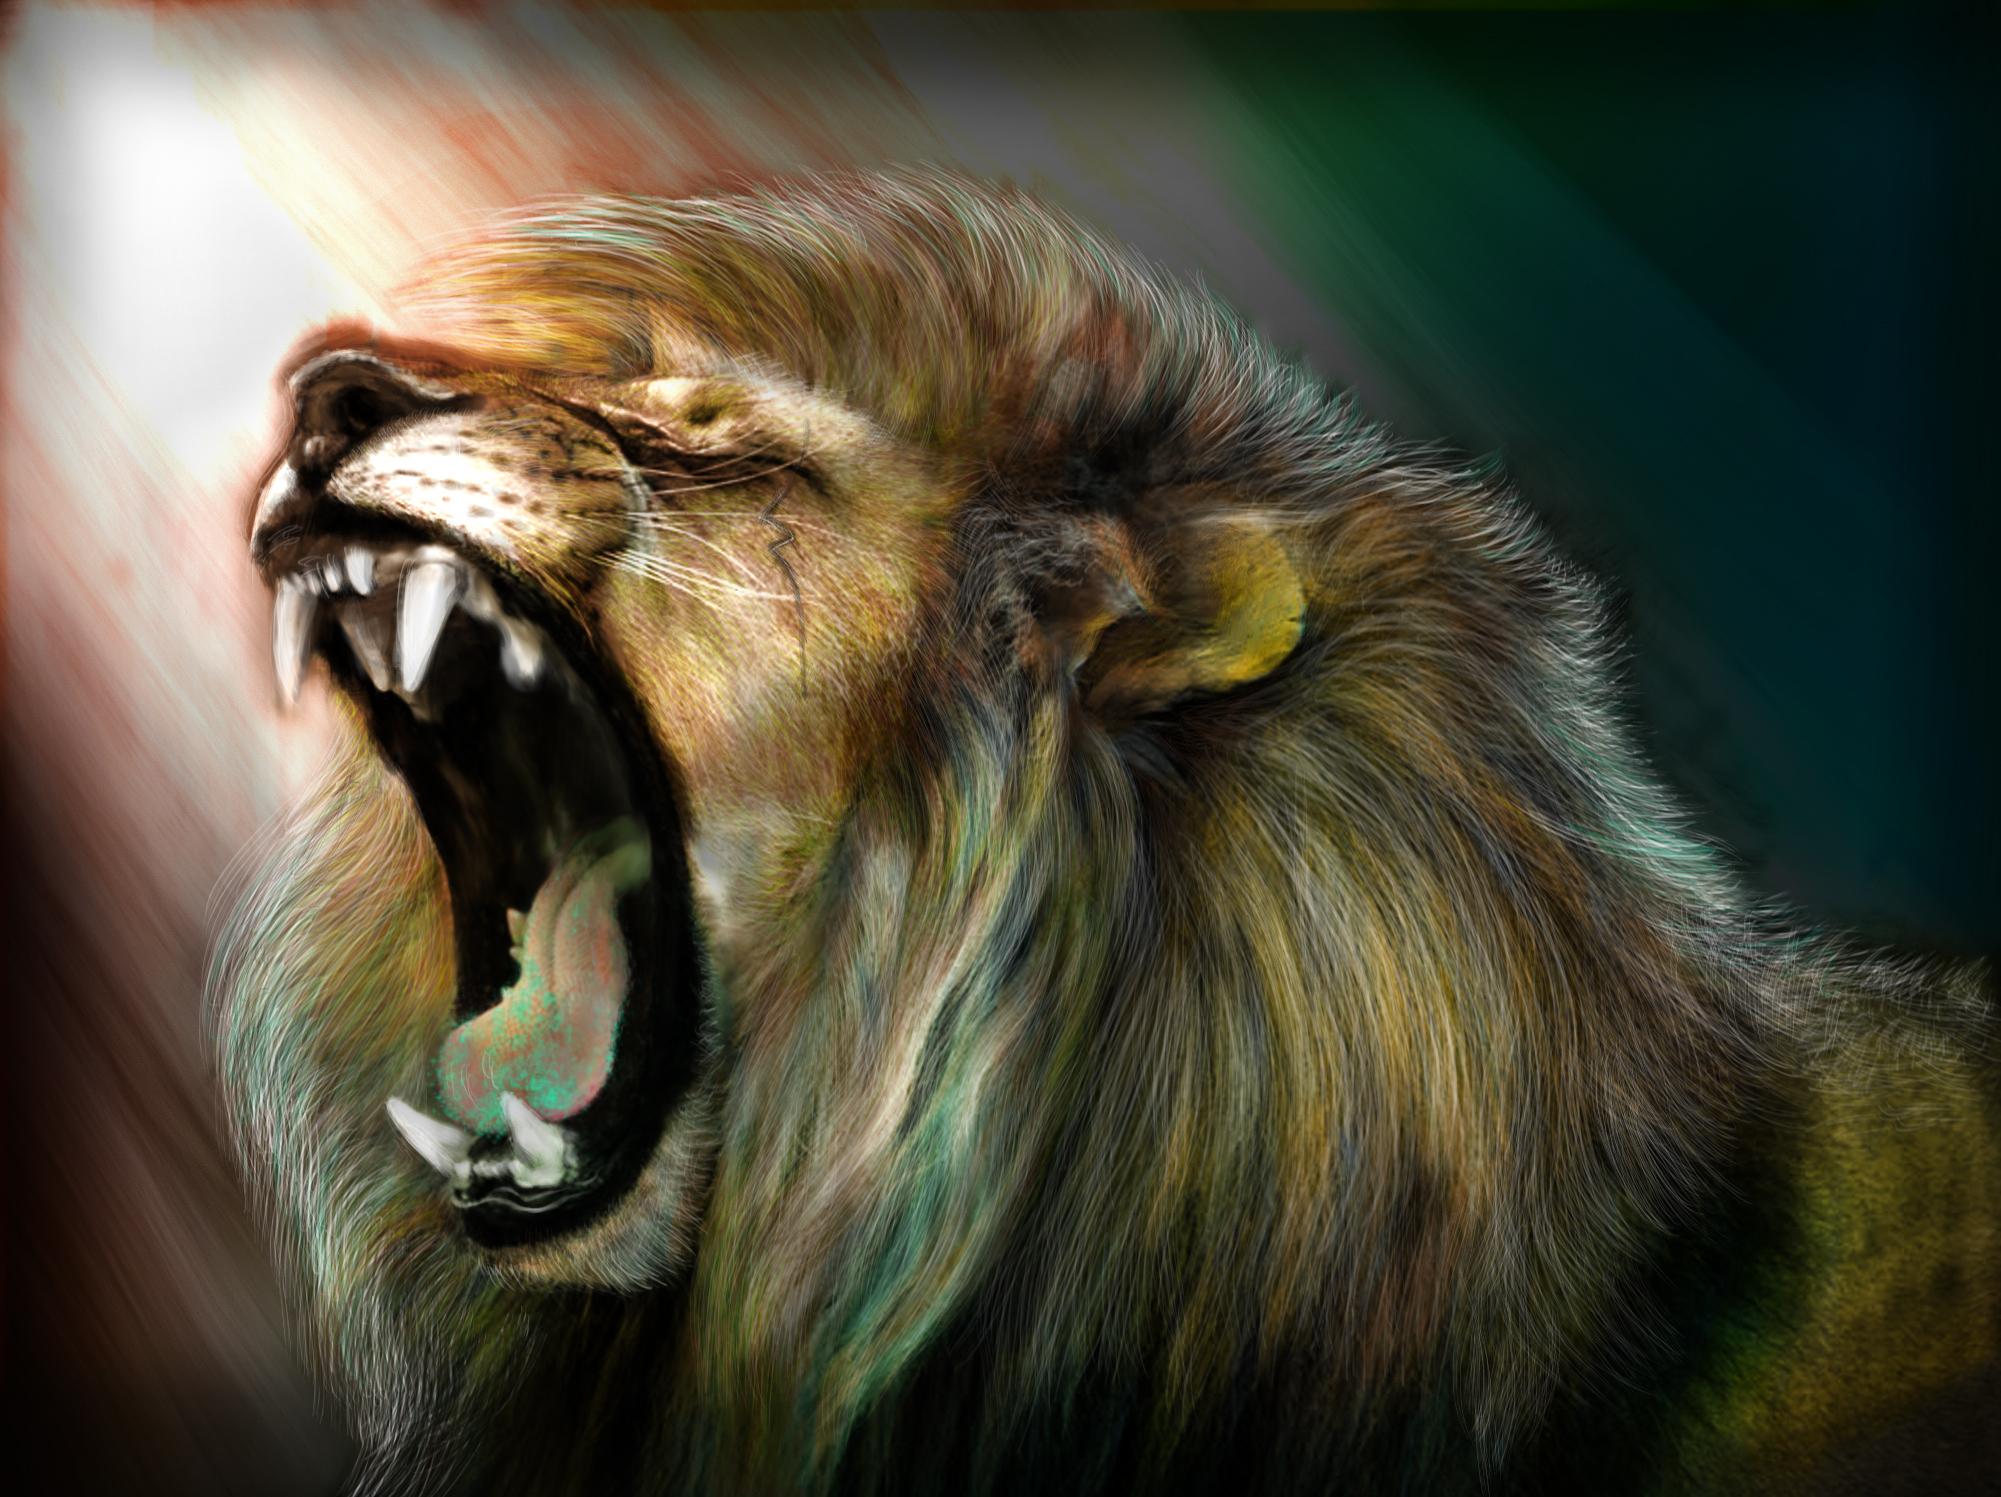 Art lion roar wallpaper 2001x1497 119179 WallpaperUP 2001x1497